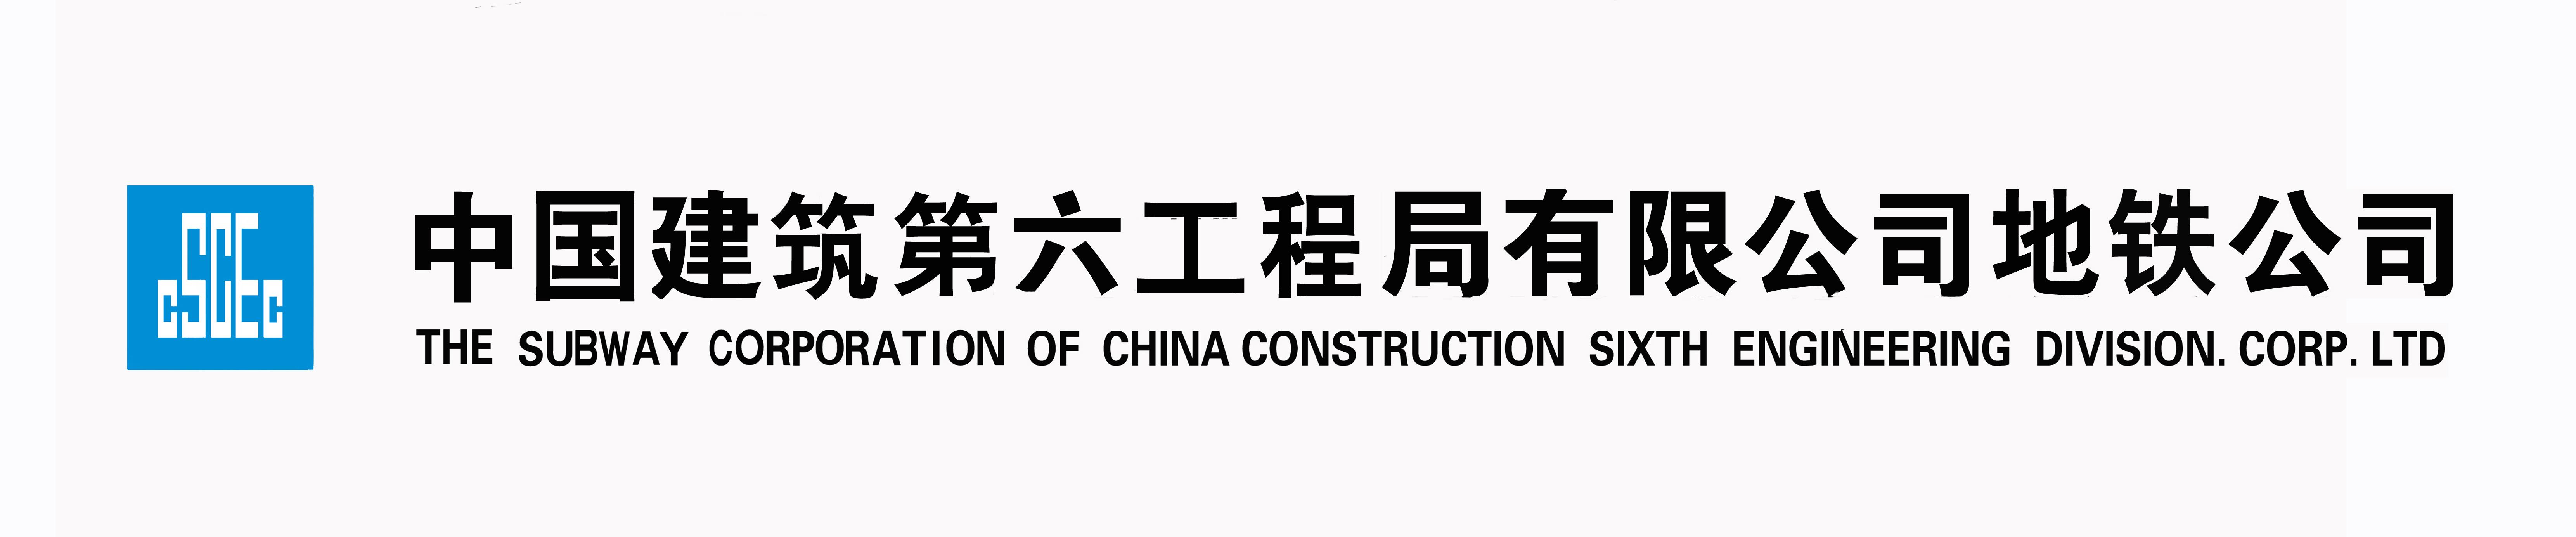 中國建筑第六工程局有限公司天津軌道交通分公司